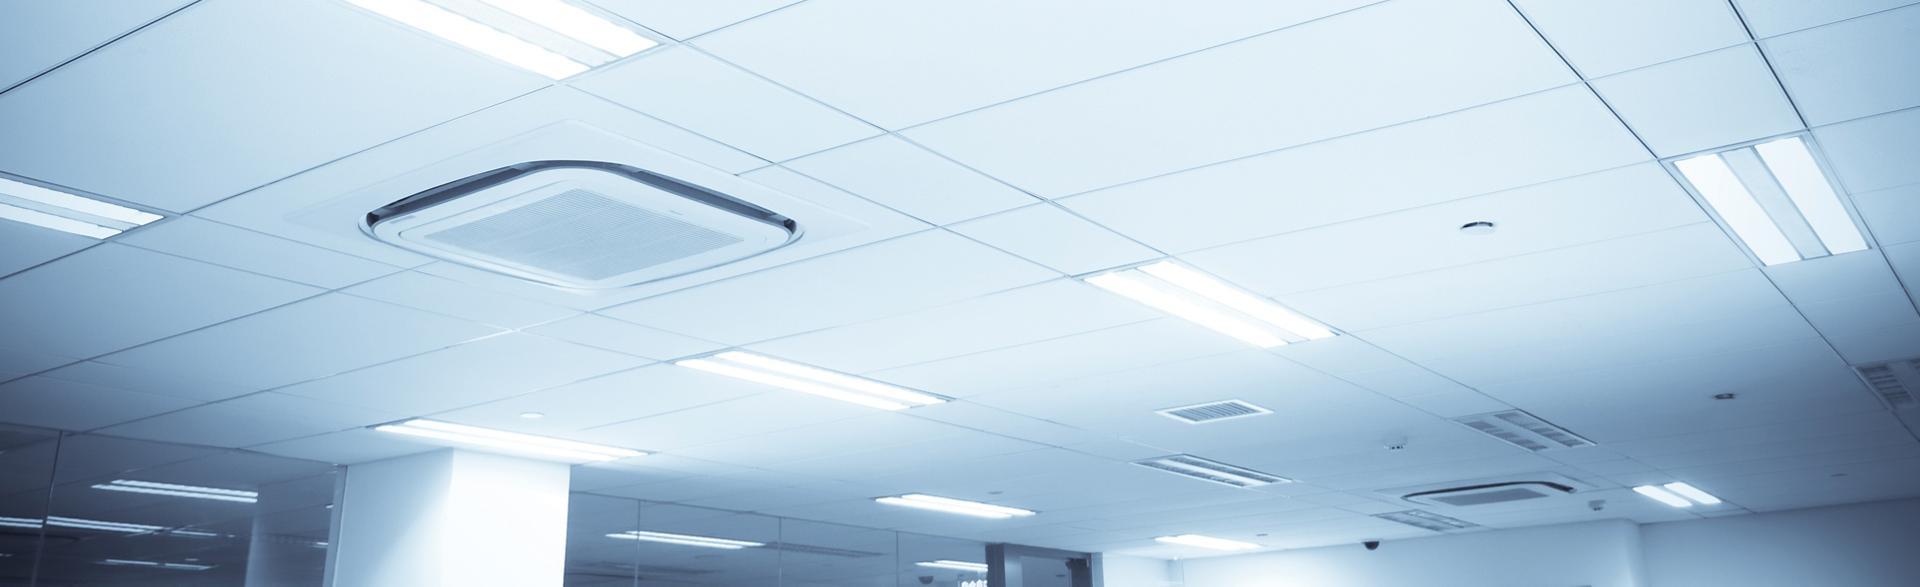 لمبات فلورسنت مُكلّفة وغير فعالة مستخدَمة في سقف إحدى الشركات